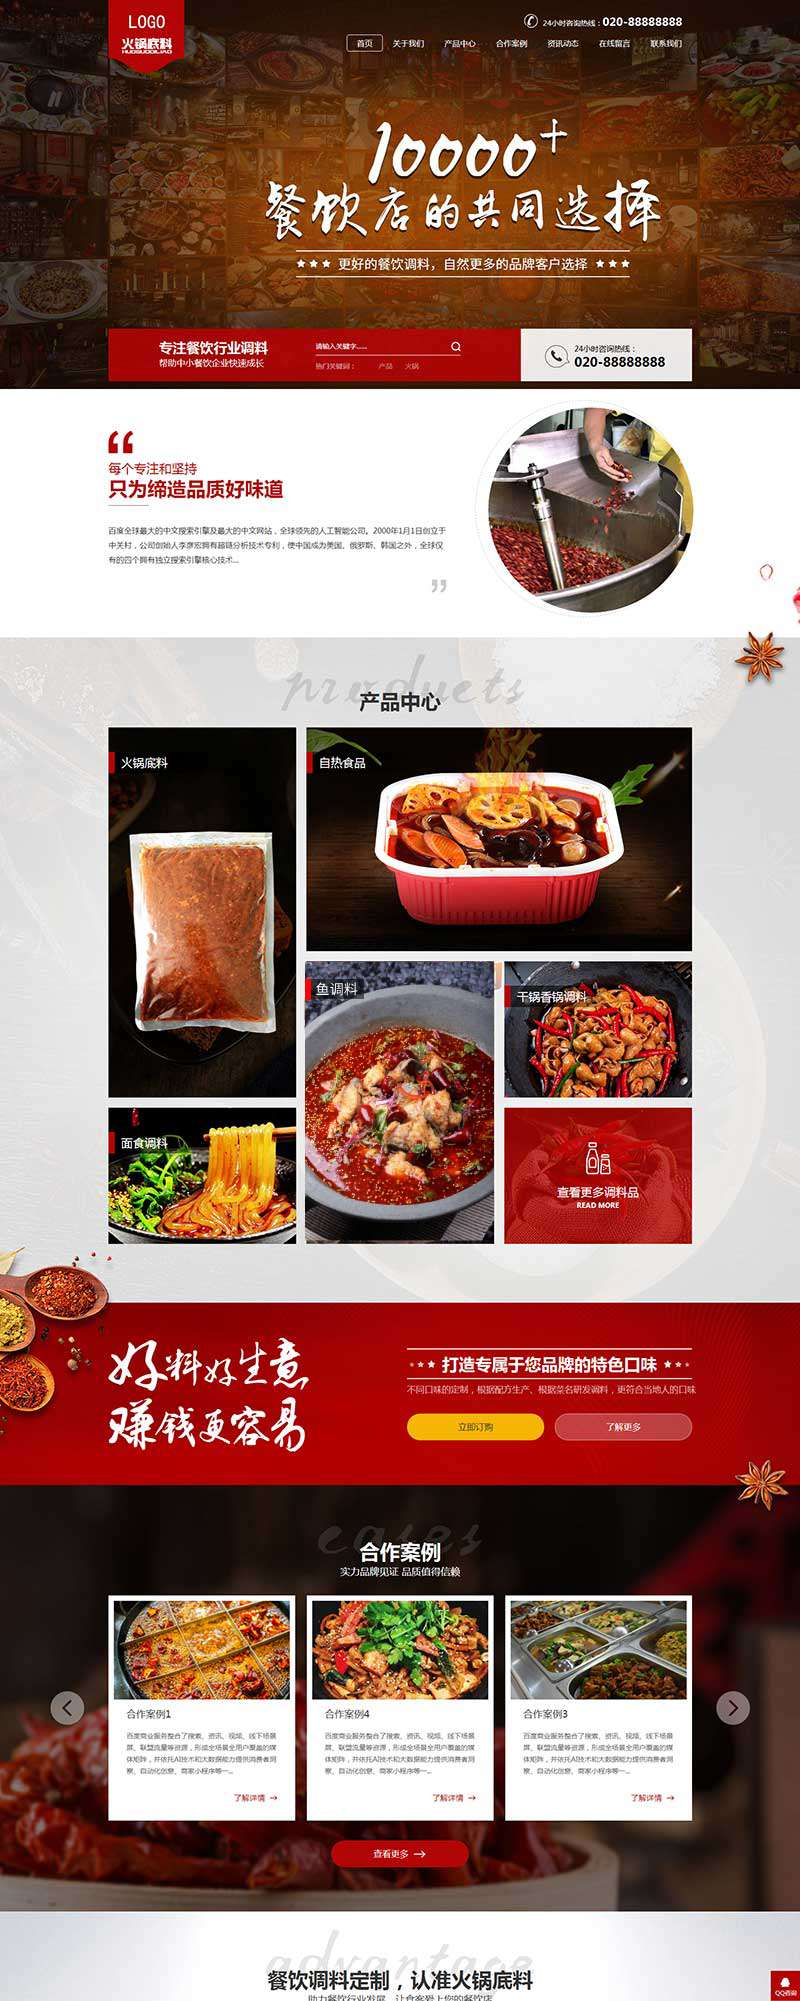 高端红色火锅底料调料食品营销型网站及餐饮加盟网站织...8516 作者:最穷的小三 帖子ID:1022 织梦模板,